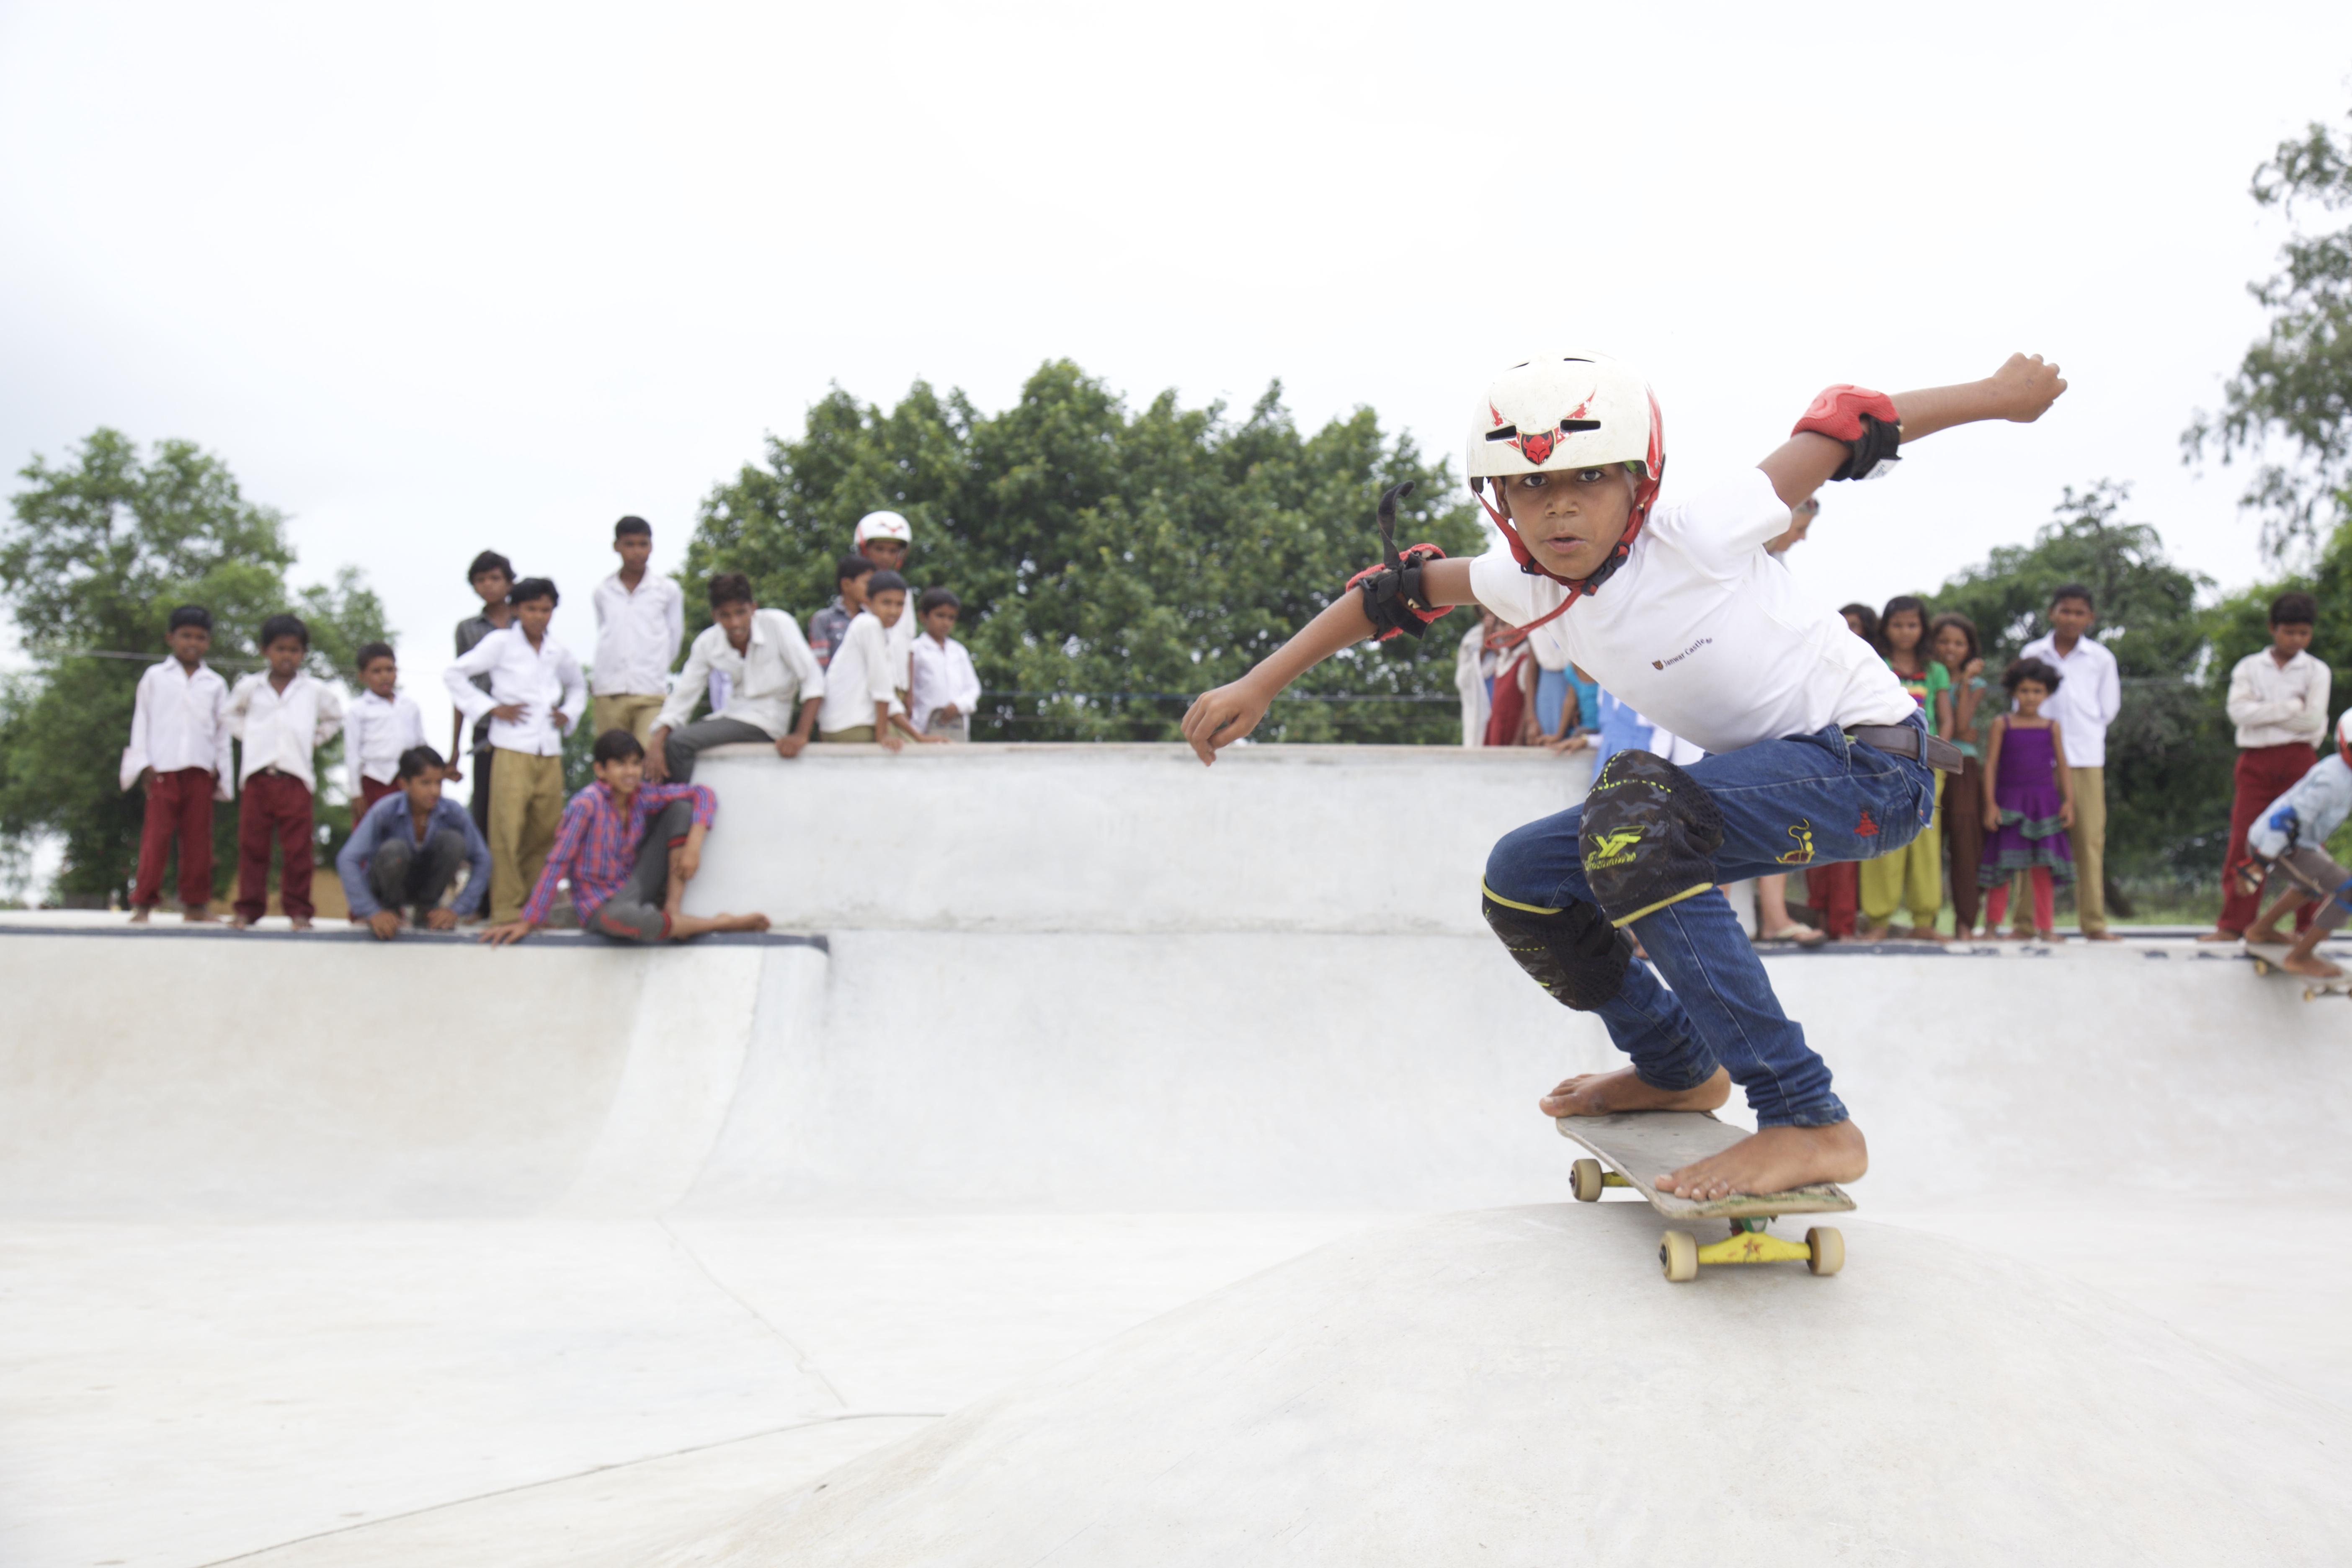 försöker bryta sociala mönster i det traditionella indiska samhället. De samlar barn från alla kast och samhällsgrupper och tränar dem i skateboardåkning. Foto: Janwaar Castle